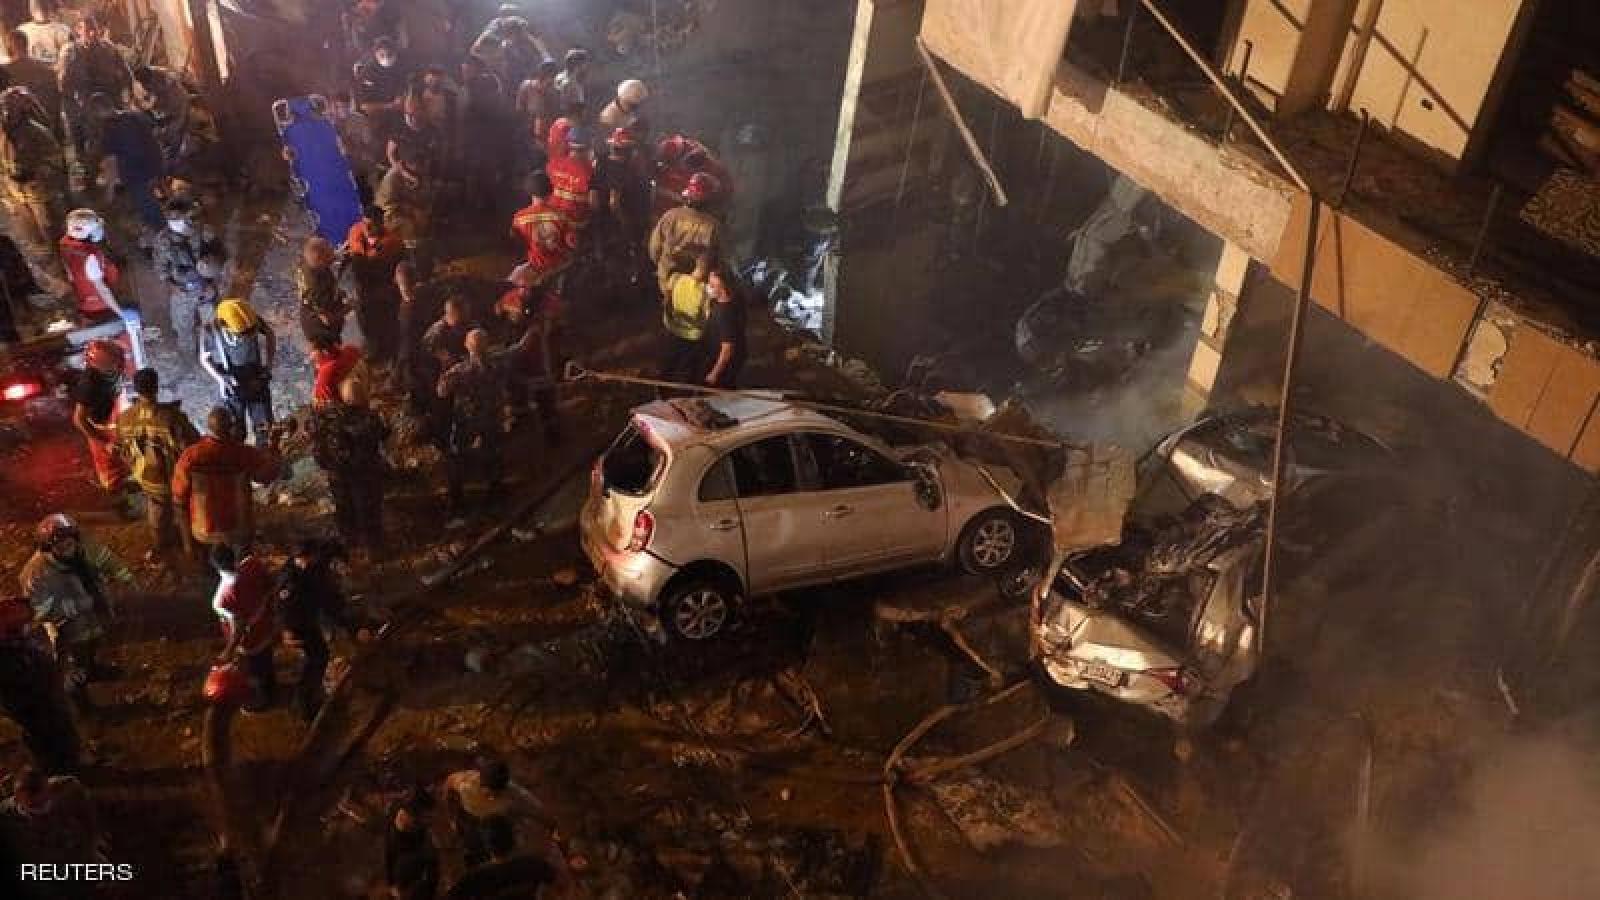 Hơn 20 người thương vong trong vụ nổ đêm qua ở Beirut (Lebanon)